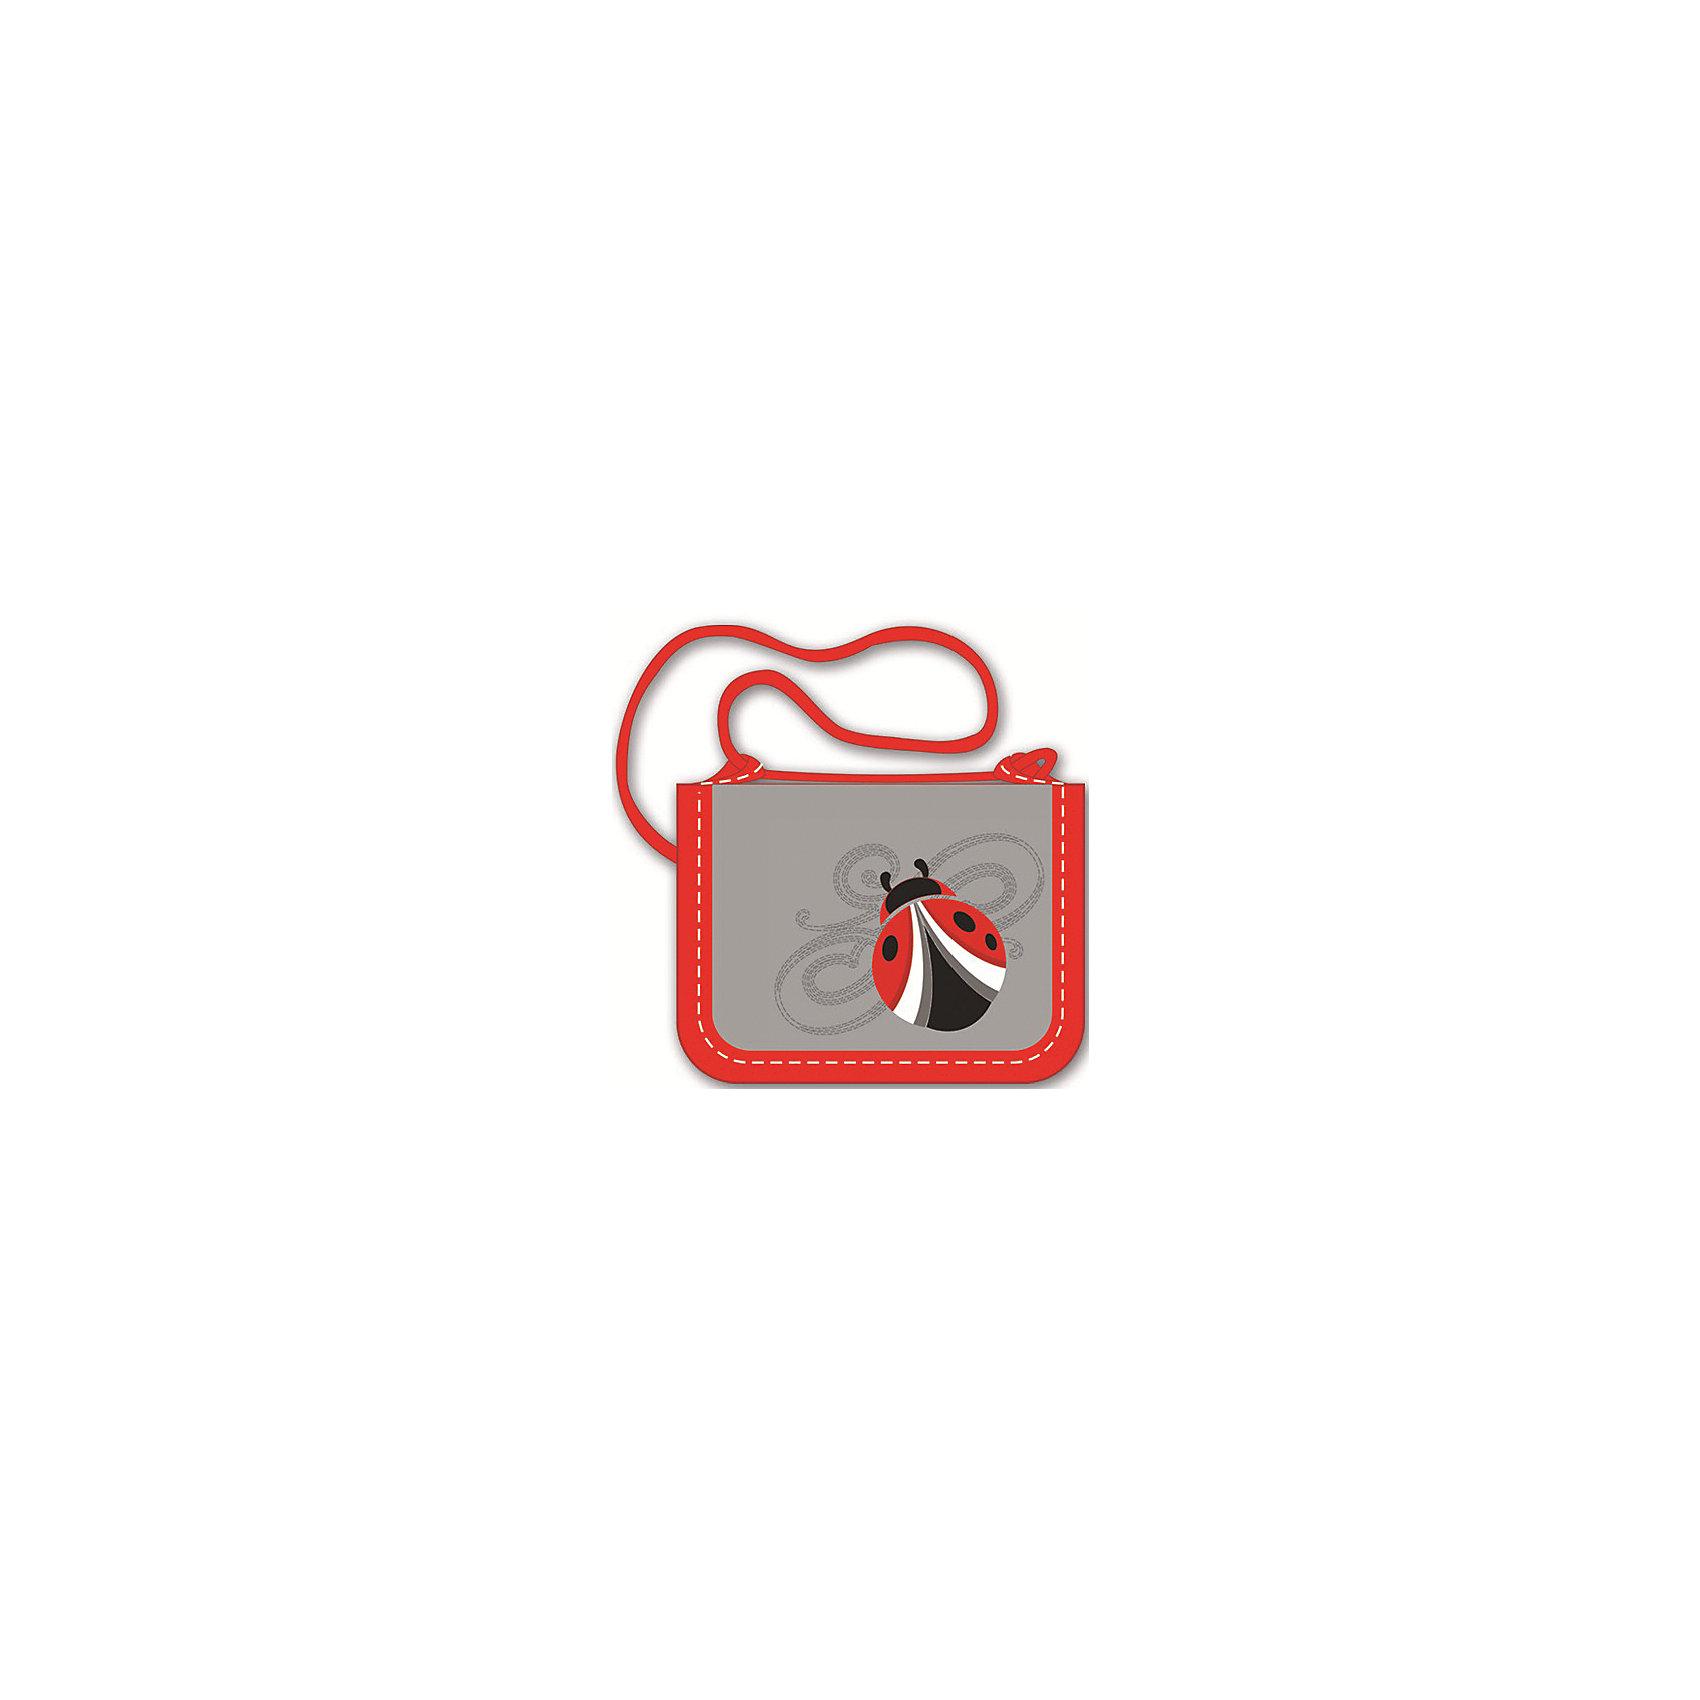 Кошелек на шнуркеКошелек на шнурке идеально подходит для хранения мелких предметов, ключей и карманных денег. Его удобно брать с собой в поездки и путешествия, с этим оригинальным кошельком ваш ребенок всегда будет знать, что все самое ценное всегда с ним. <br>Кошелек выполнен из высококачественных прочных материалов, декорирован аппликацией в виде божьей коровки и вышивкой, имеет привлекательный дизайн, застегивается на липучку. <br><br>Дополнительная информация:<br><br>- Материал: нейлон.<br>- Размер: 12,5х10 см.<br>- Тип застежки: липучка. <br>- 4 отделения.<br>- Металлическое кольцо для ключей.<br>- Декорирован резиновой аппликацией и вышивкой. <br><br>Кошелек на шнурке можно купить в нашем магазине.<br><br>Ширина мм: 125<br>Глубина мм: 100<br>Высота мм: 15<br>Вес г: 60<br>Возраст от месяцев: 48<br>Возраст до месяцев: 120<br>Пол: Женский<br>Возраст: Детский<br>SKU: 4756072